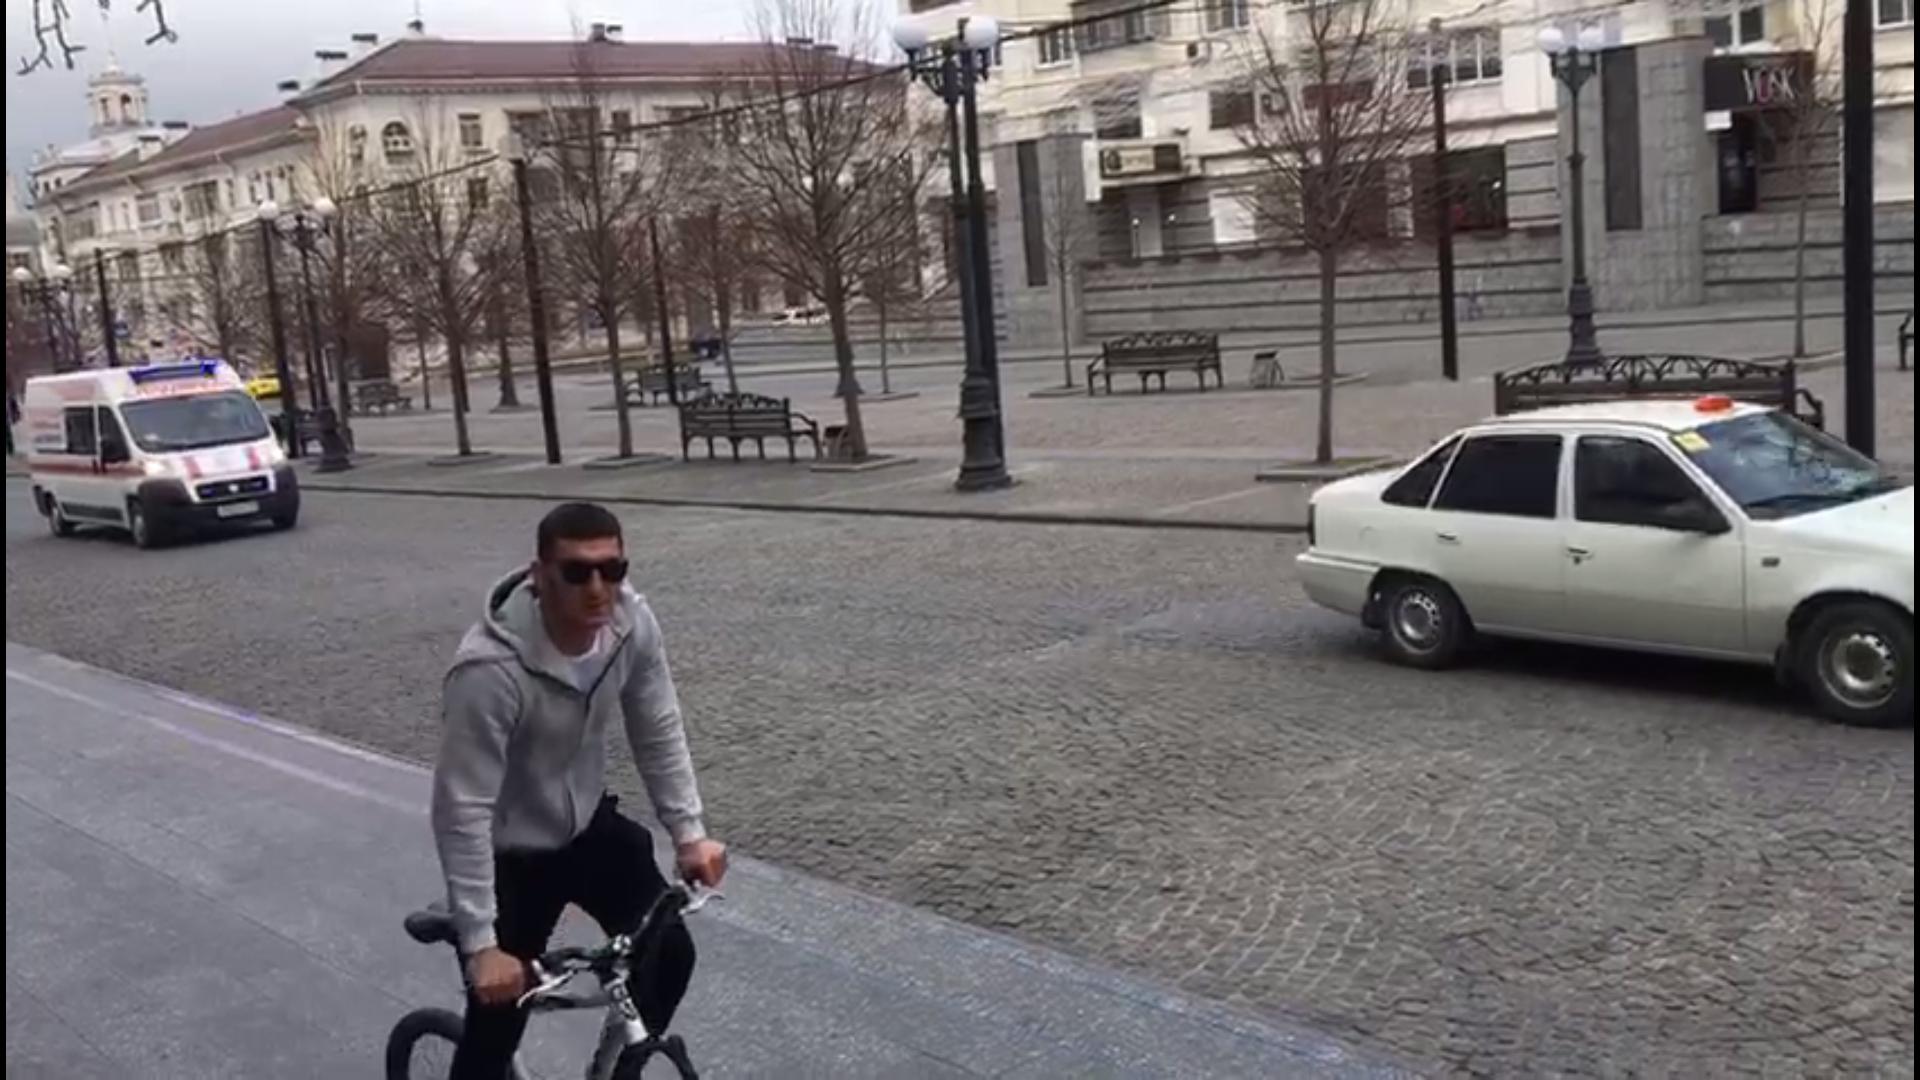 ПоНовороссийску ездит автобус ипогромкоговорителю просит людей сидеть дома